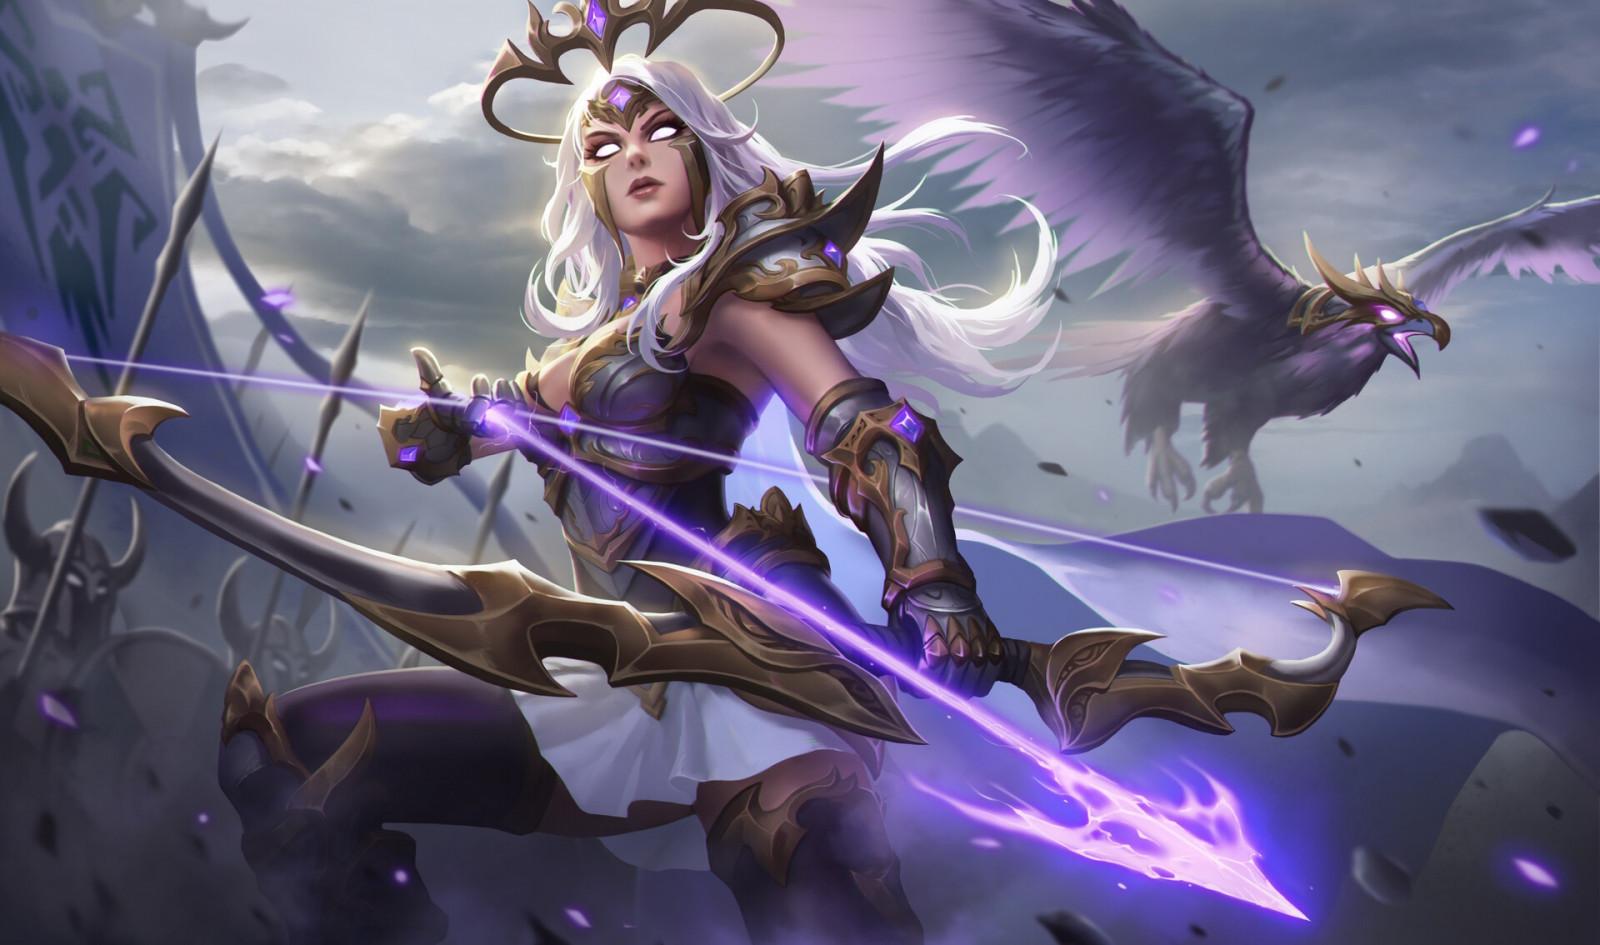 Wallpaper girl, bow, art, armor, hunter, Archer images for